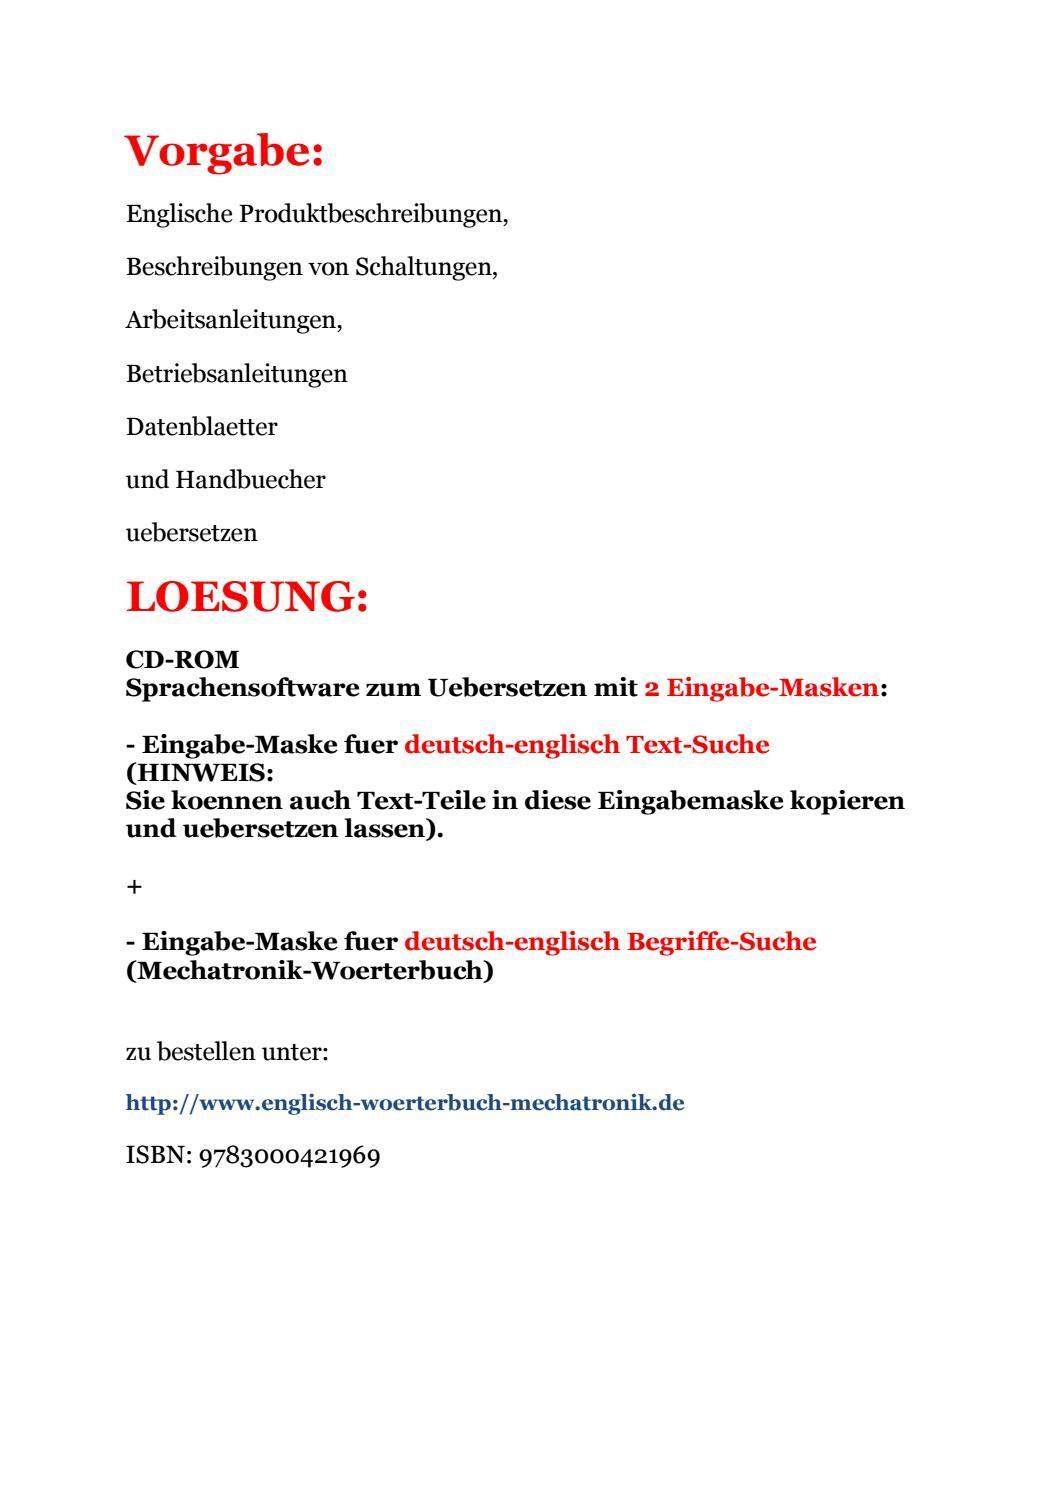 Texte Uebersetzungen Englische Produktbeschreibungen Arbeitsanleitungen Englische Texte Worterbuch Worterbuch Deutsch Englisch